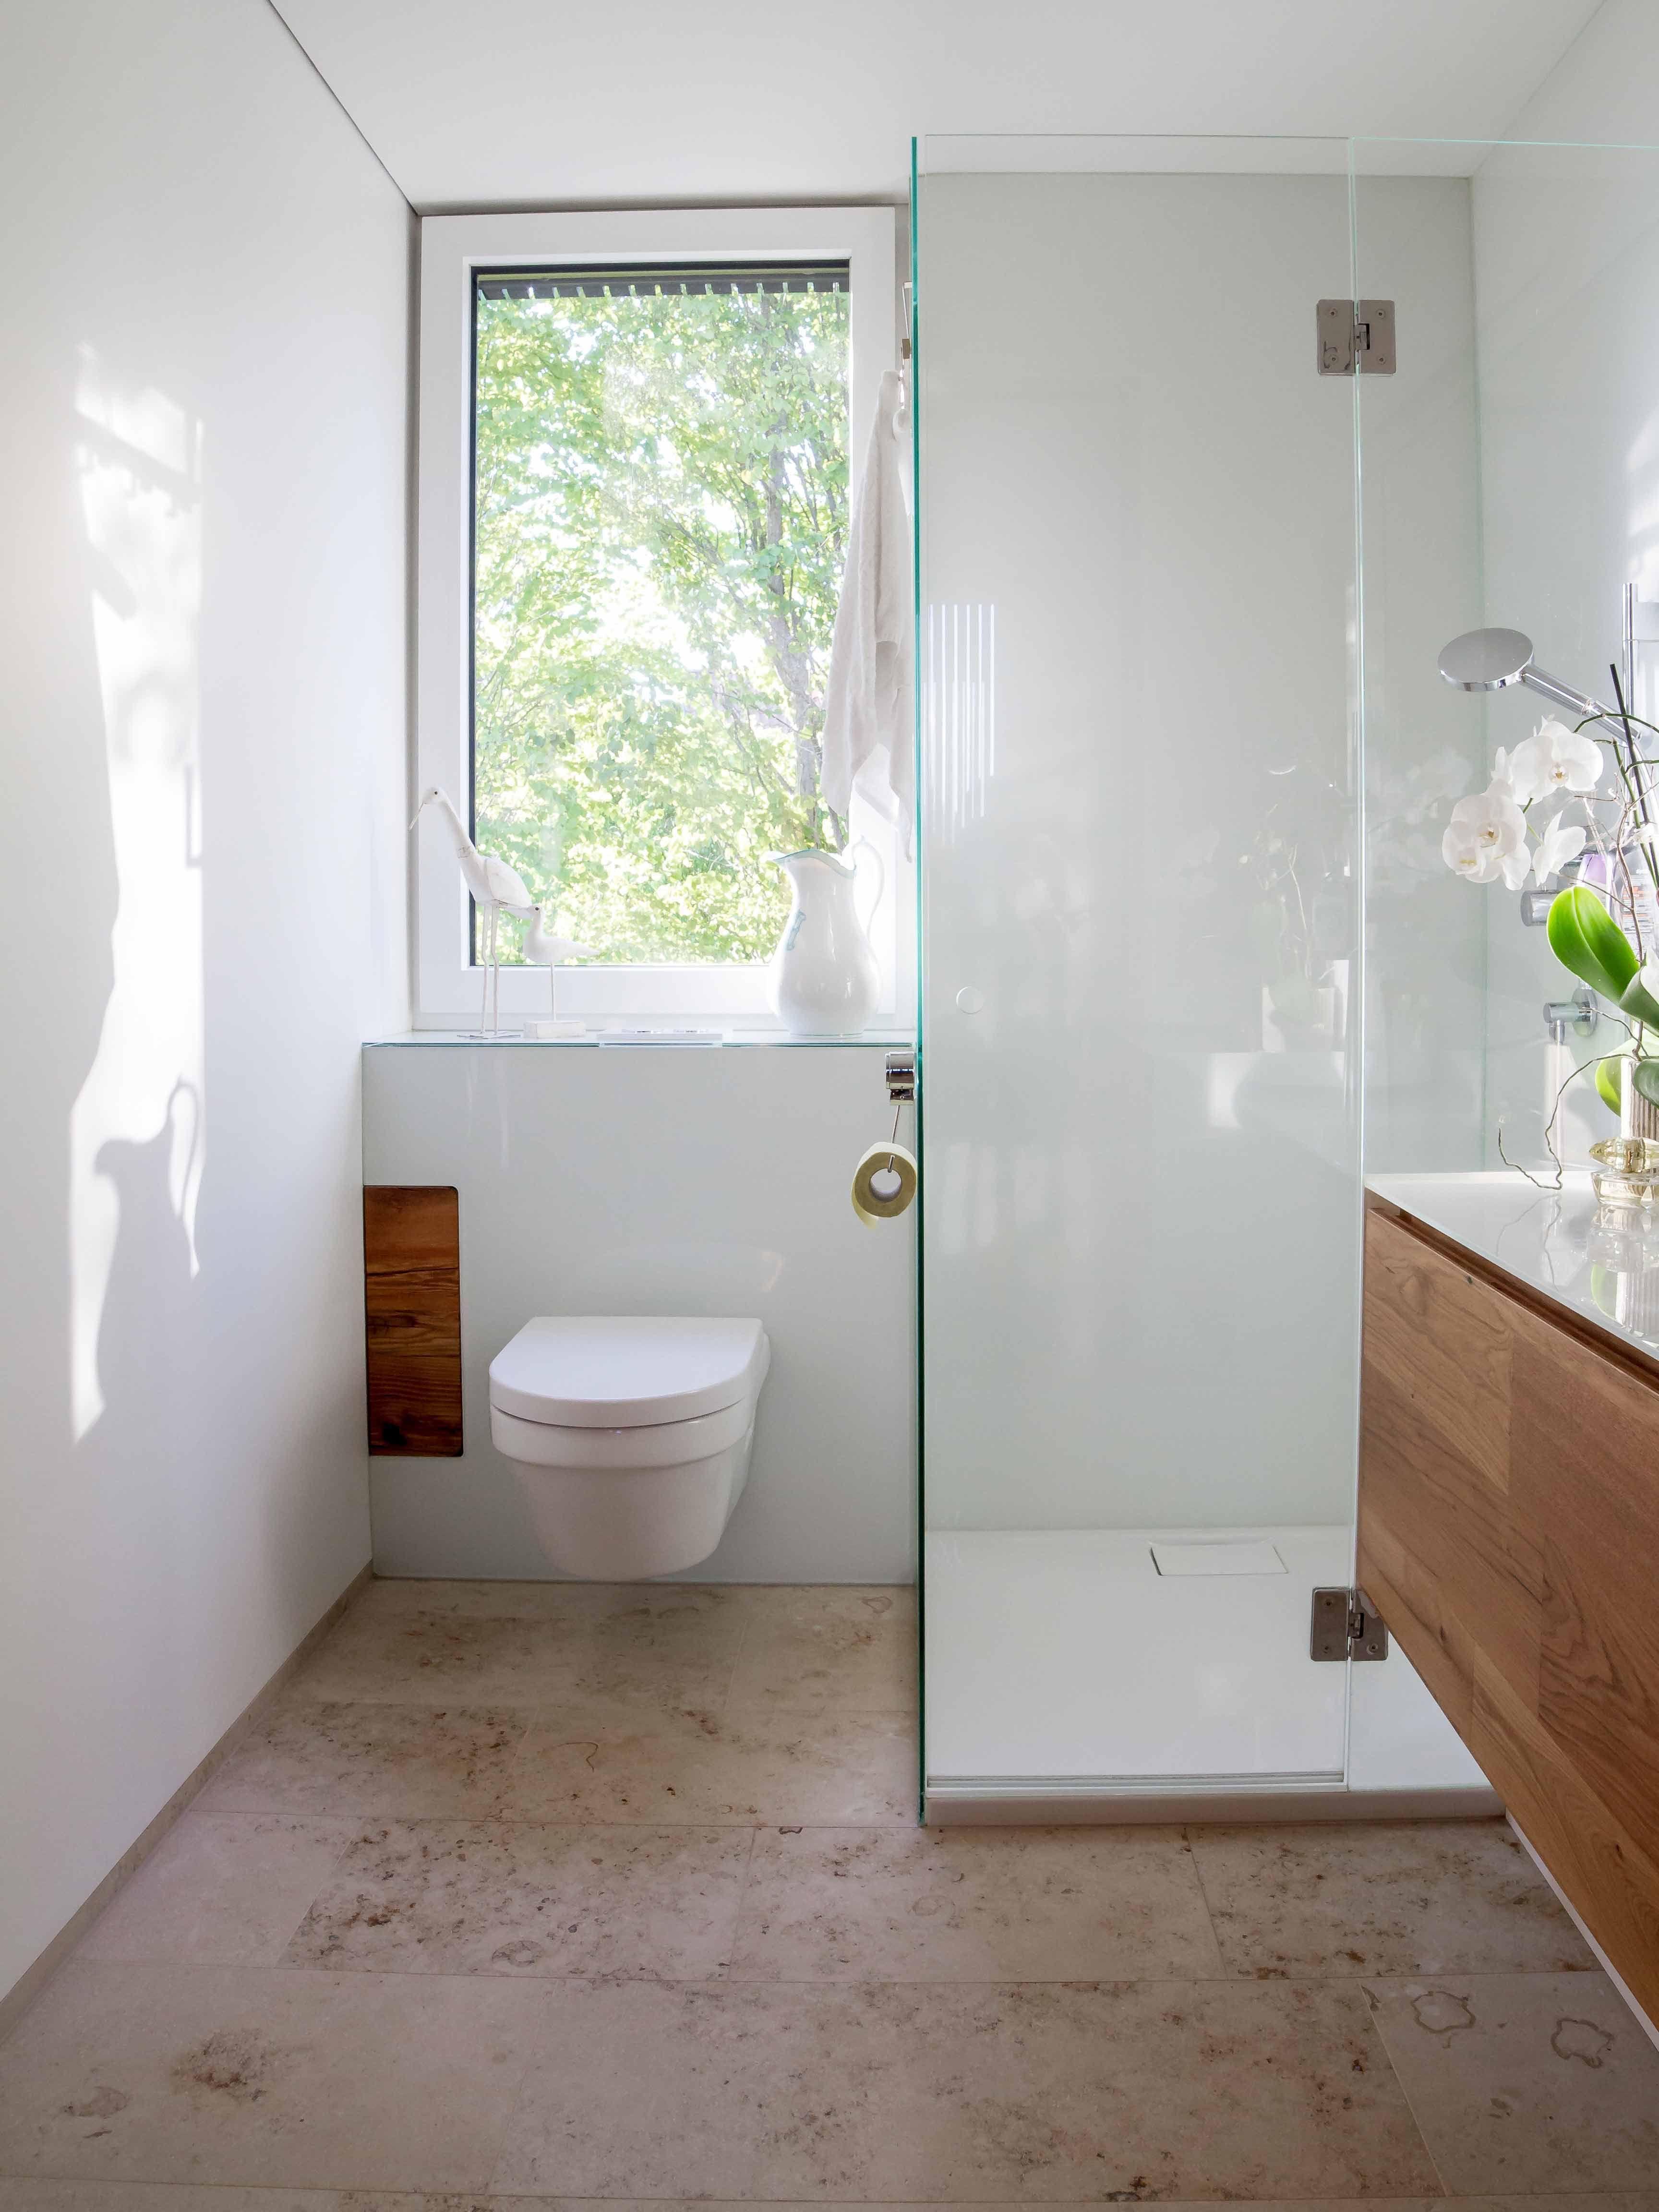 Inspirieren lassen auf  Badezimmer, Travertin dusche und